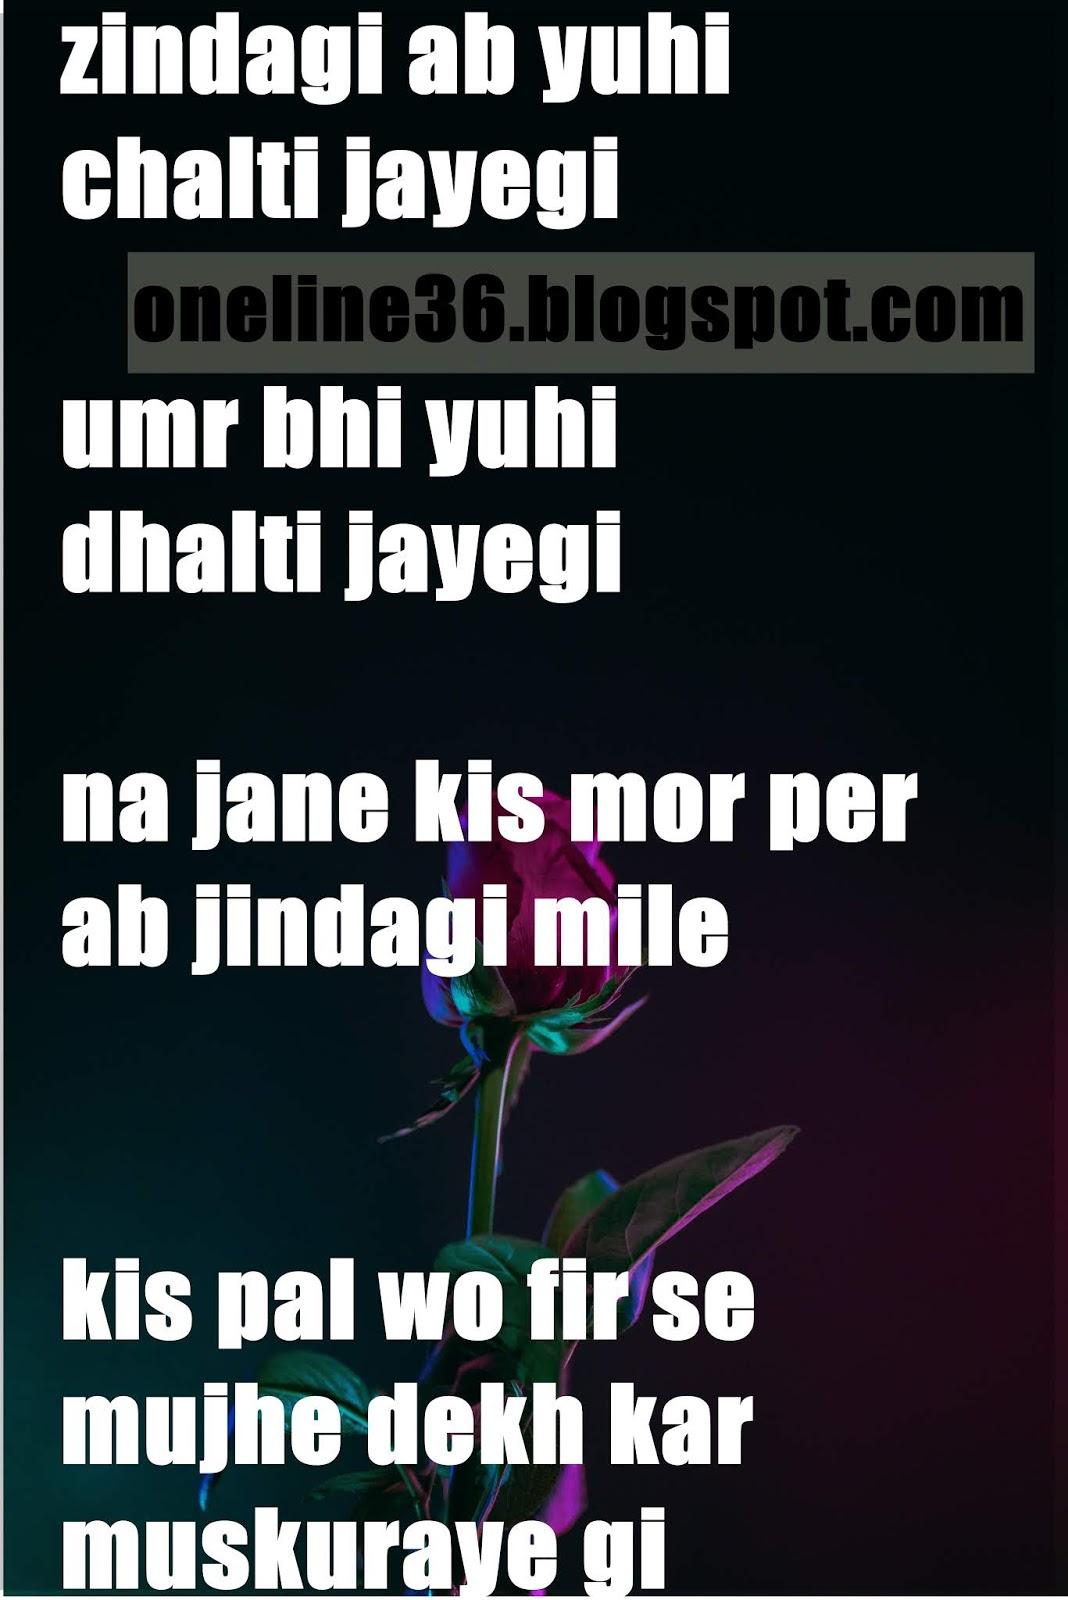 Top 5 Hindi Shayari Latest Hindi Urdu Shayari Meri Shayari